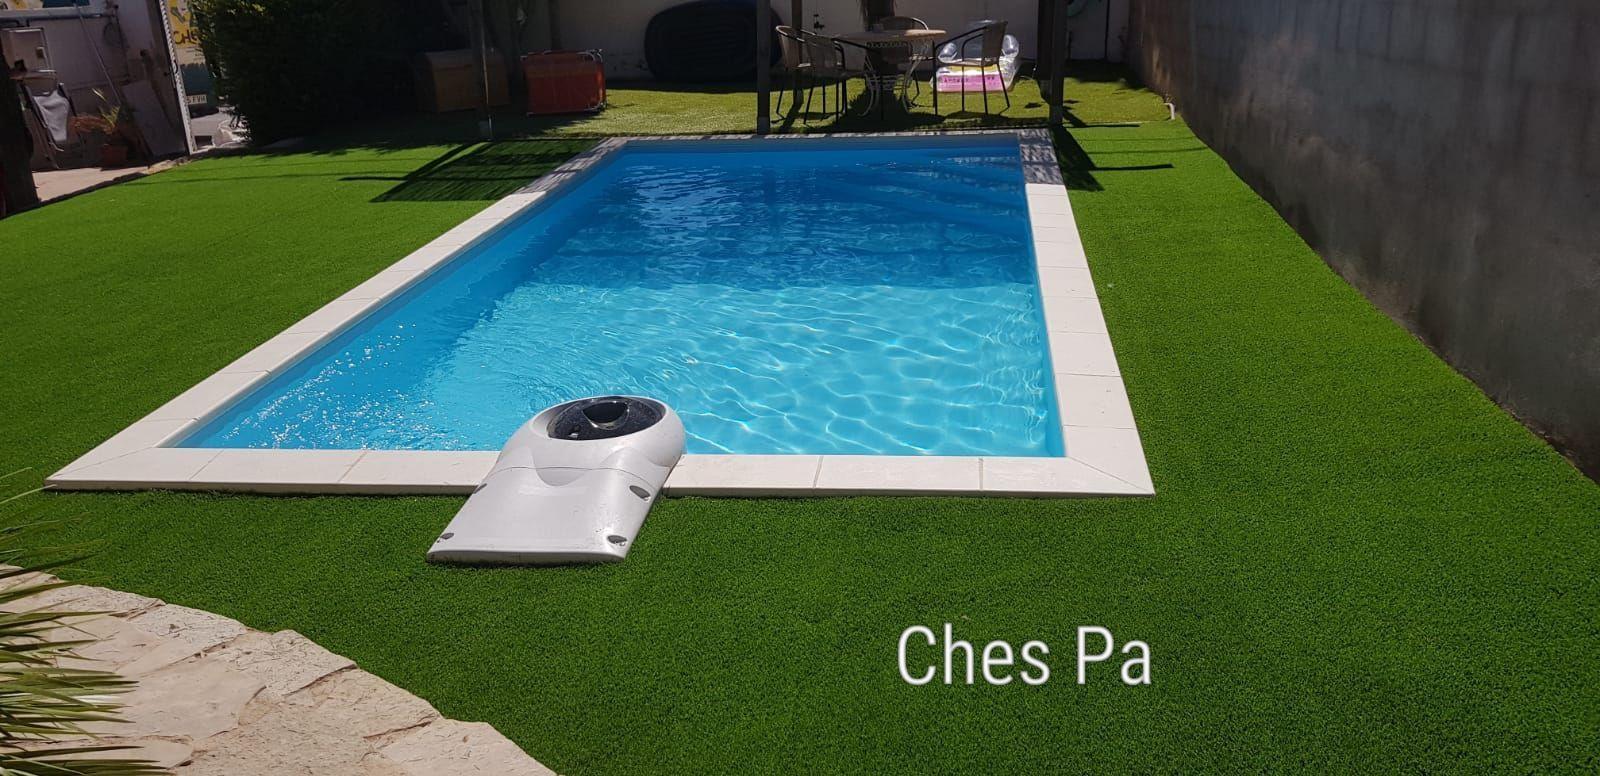 Proyecto paisajismo con césped artificial en Valencia más piscina